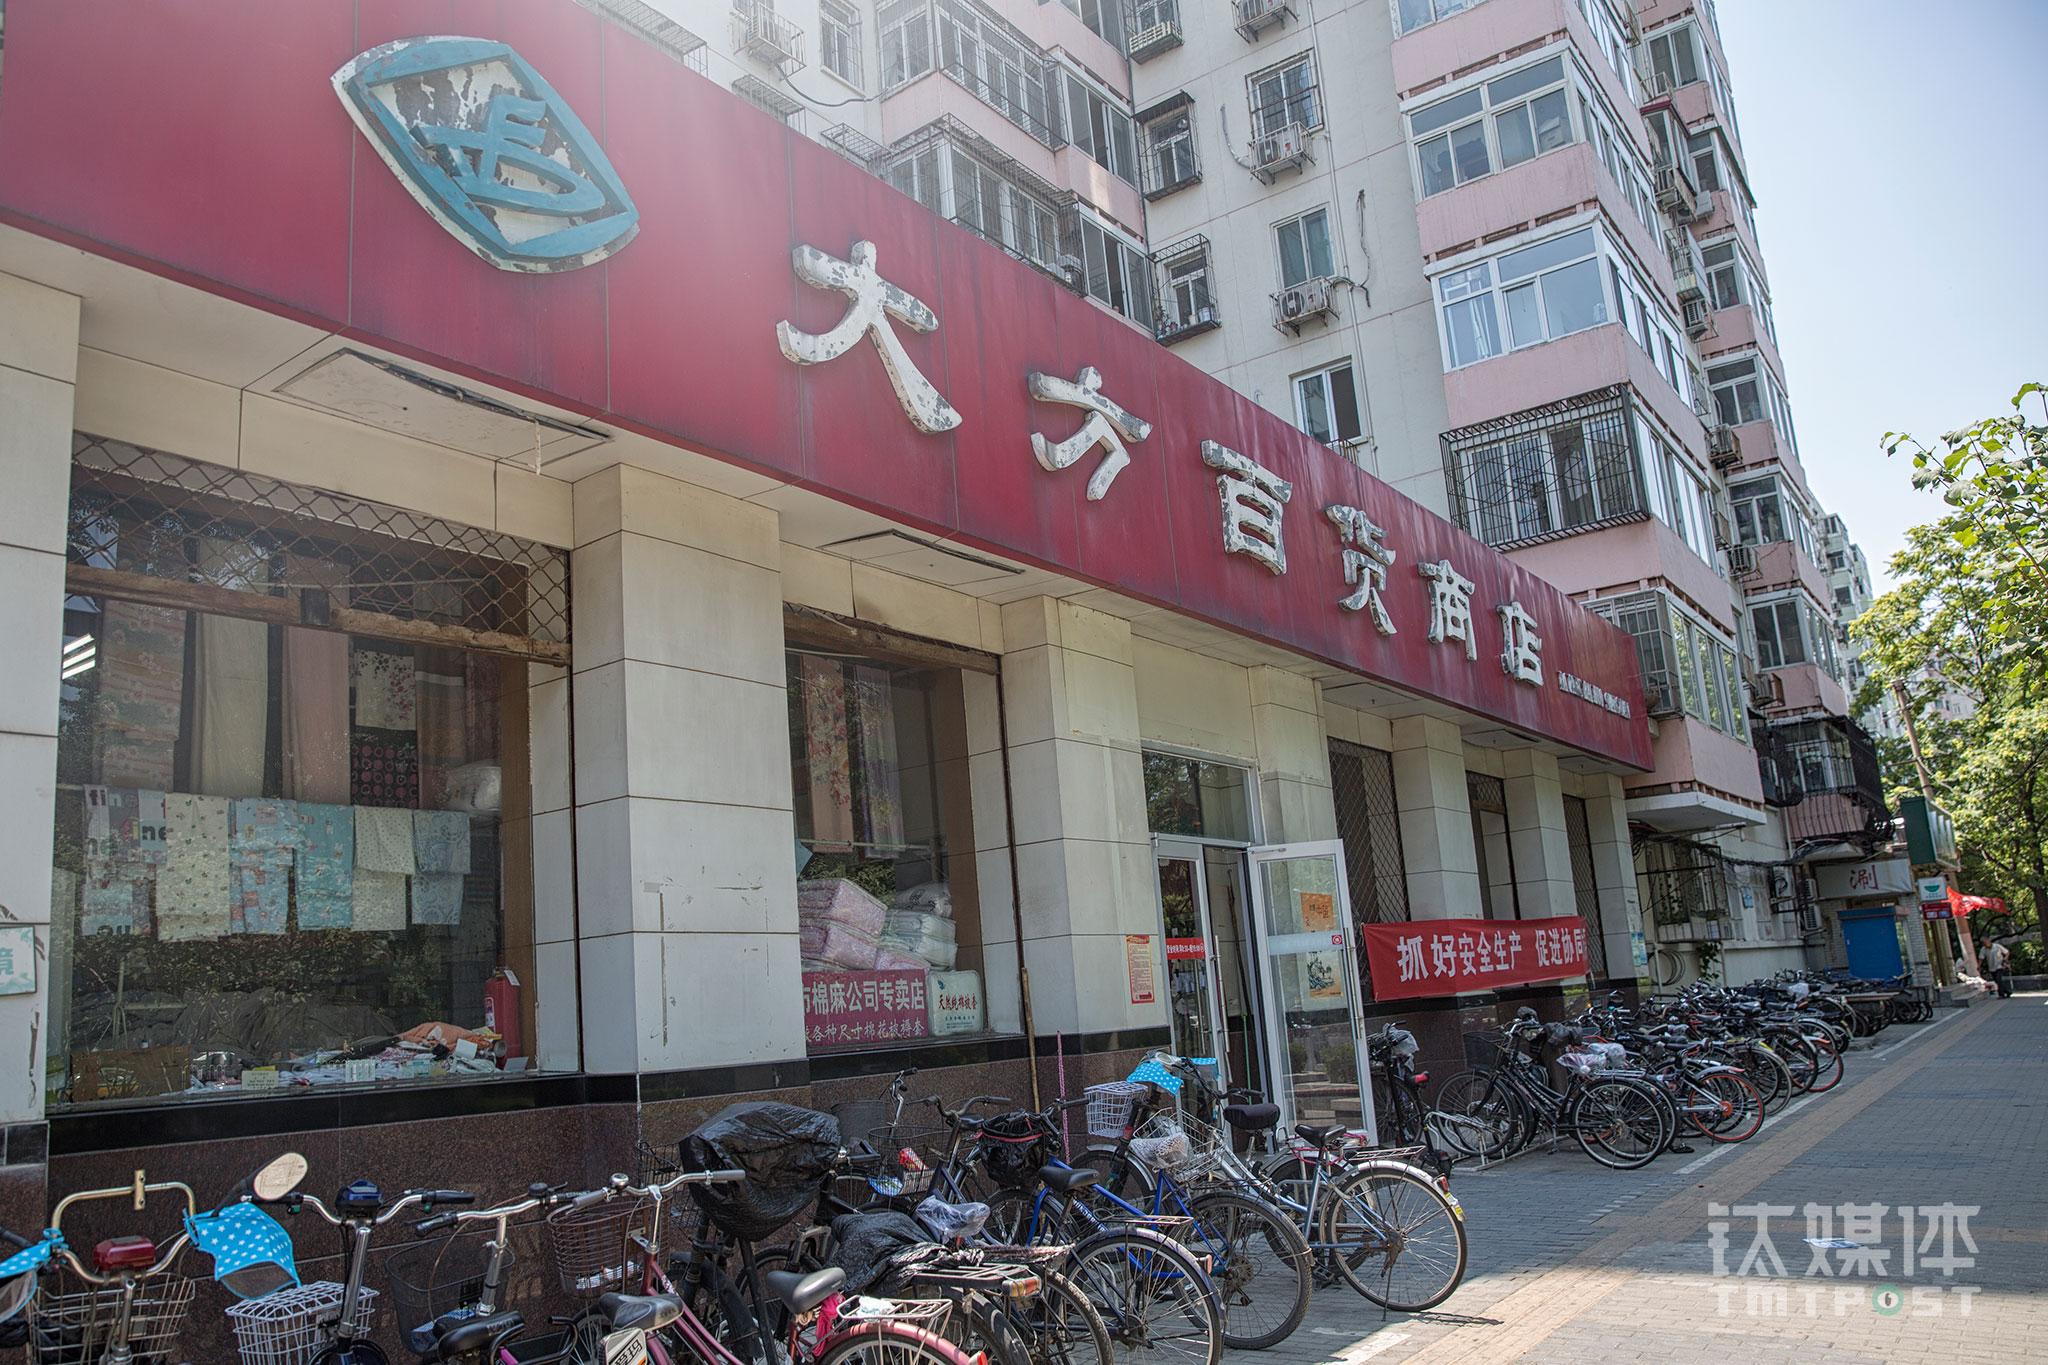 大方百货成立于1979年,迄今已有38年历史,是北京目前仅存的几家老百货商店之一。大方百货本是一家国营商店,2000年年底,大方29名员工每人出资1.7万元,完成了股份制改制,改制后29人全员持股,继续从房管局租用位于前门东大街的这个店址经营。